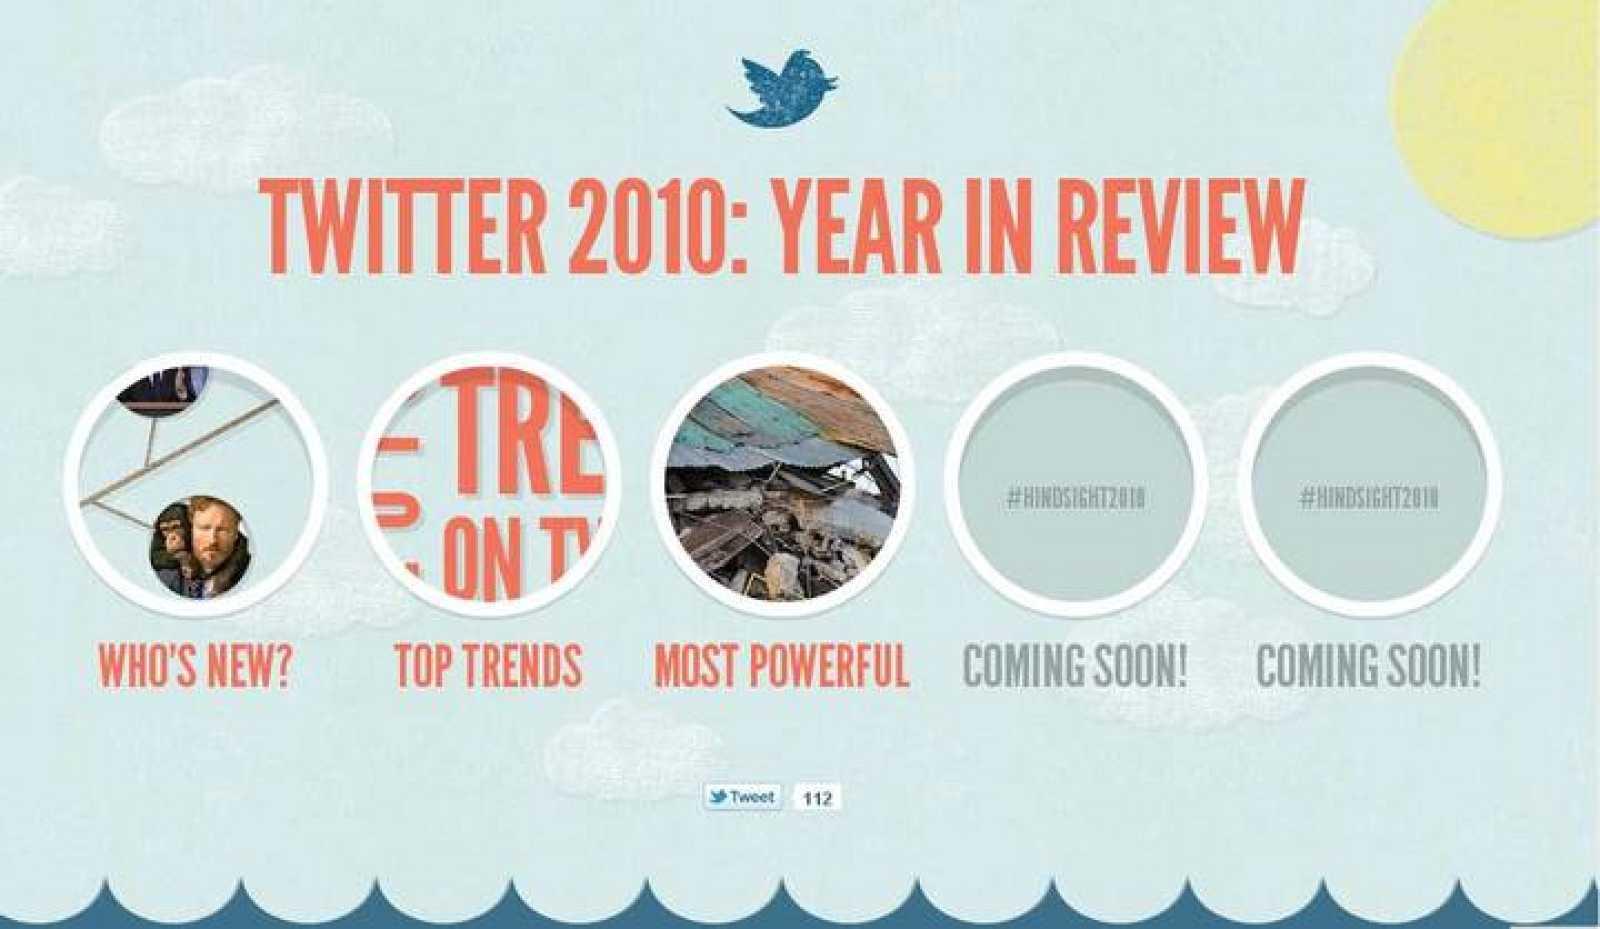 Twitter publica los temas más comentados de 2010 y los 'tuits' más poderosos